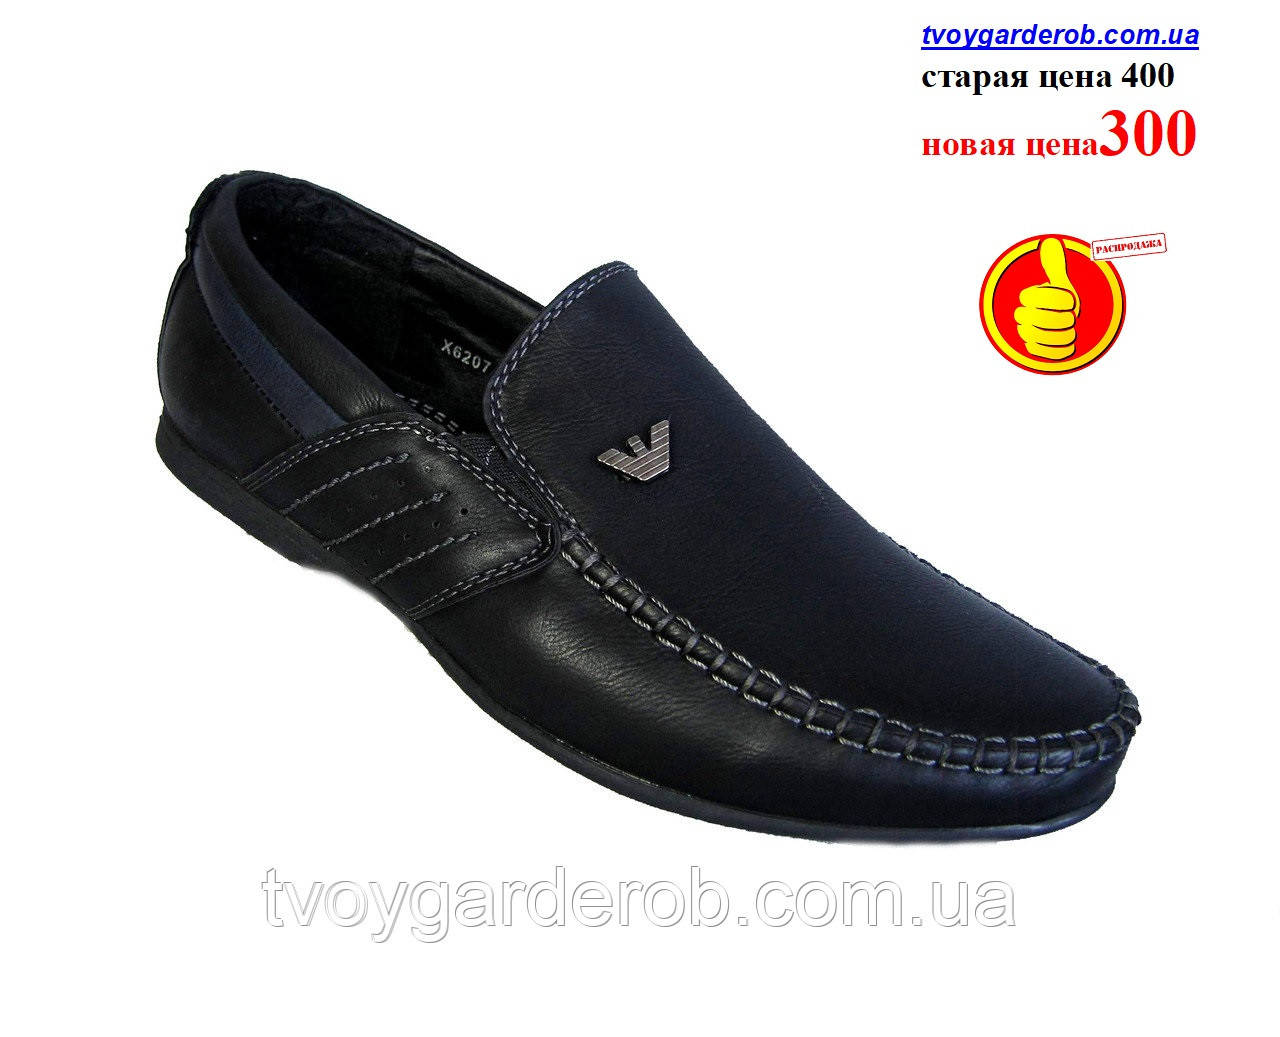 Туфли-мокасины для мальчика черные (р 34)